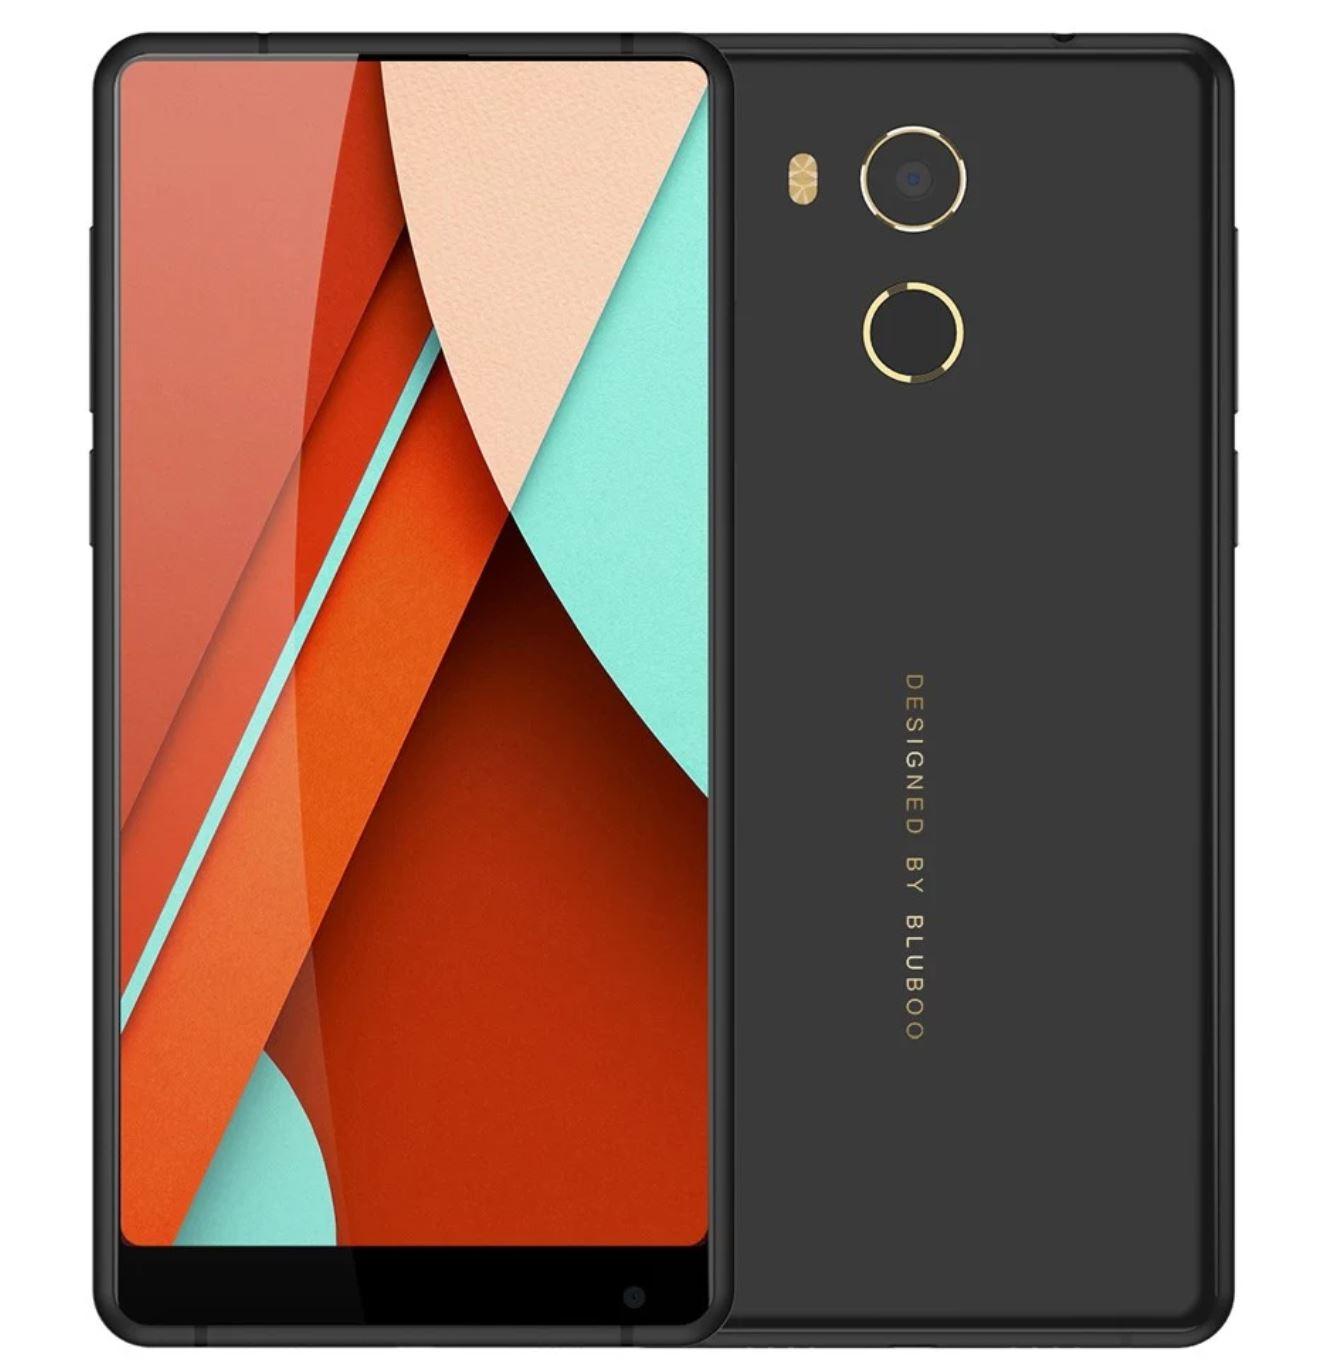 ... ami a D5 Pro nevet viseli. A készülék külsőre leginkább a Xiaomi Mi  MIX-re szeretne hasonlítani 47fe10a14d